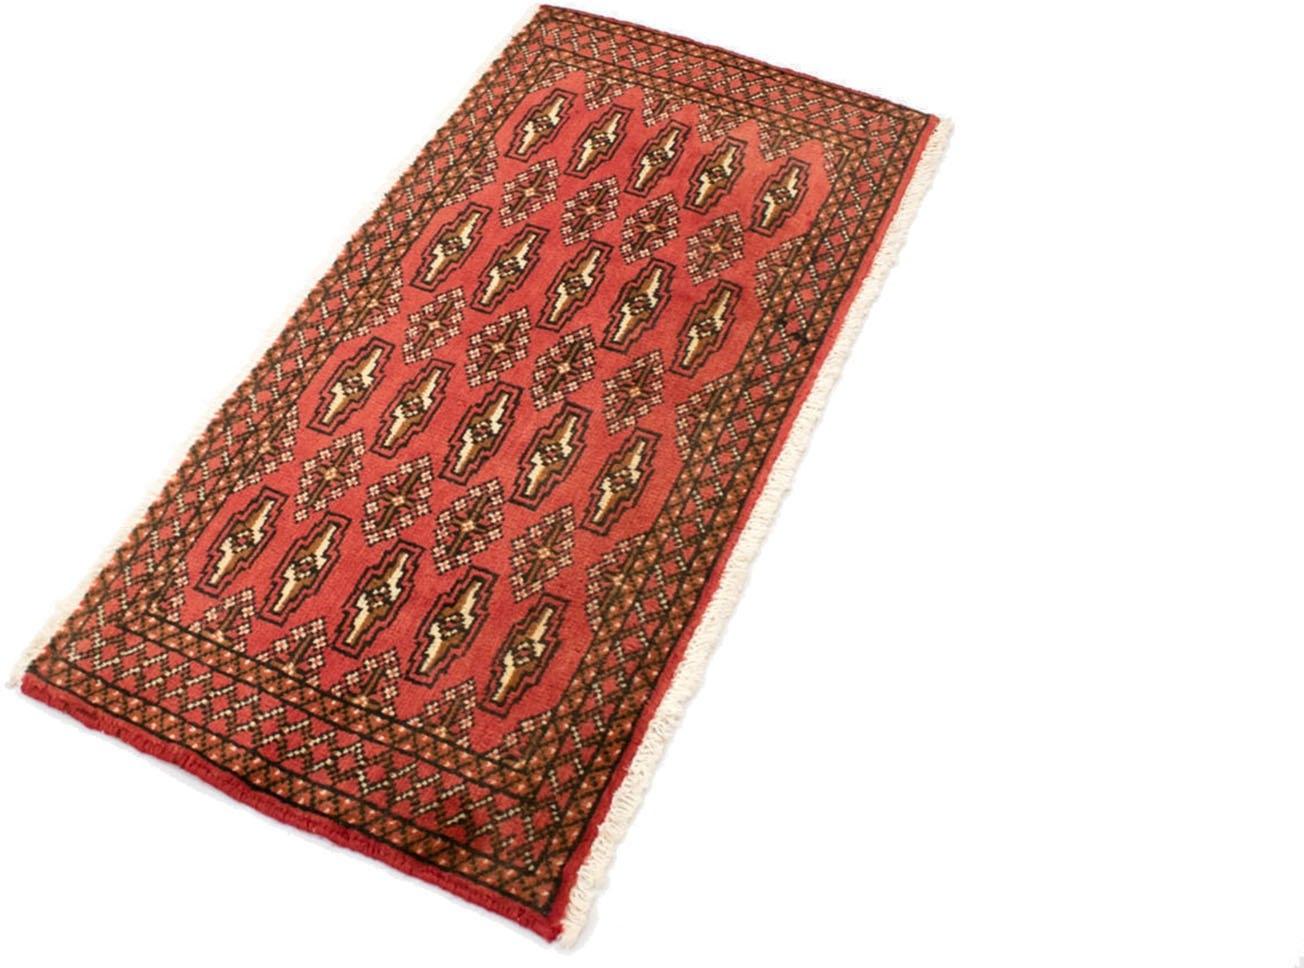 morgenland wollen kleed Turkaman vloerkleed met de hand geknoopt rood nu online bestellen